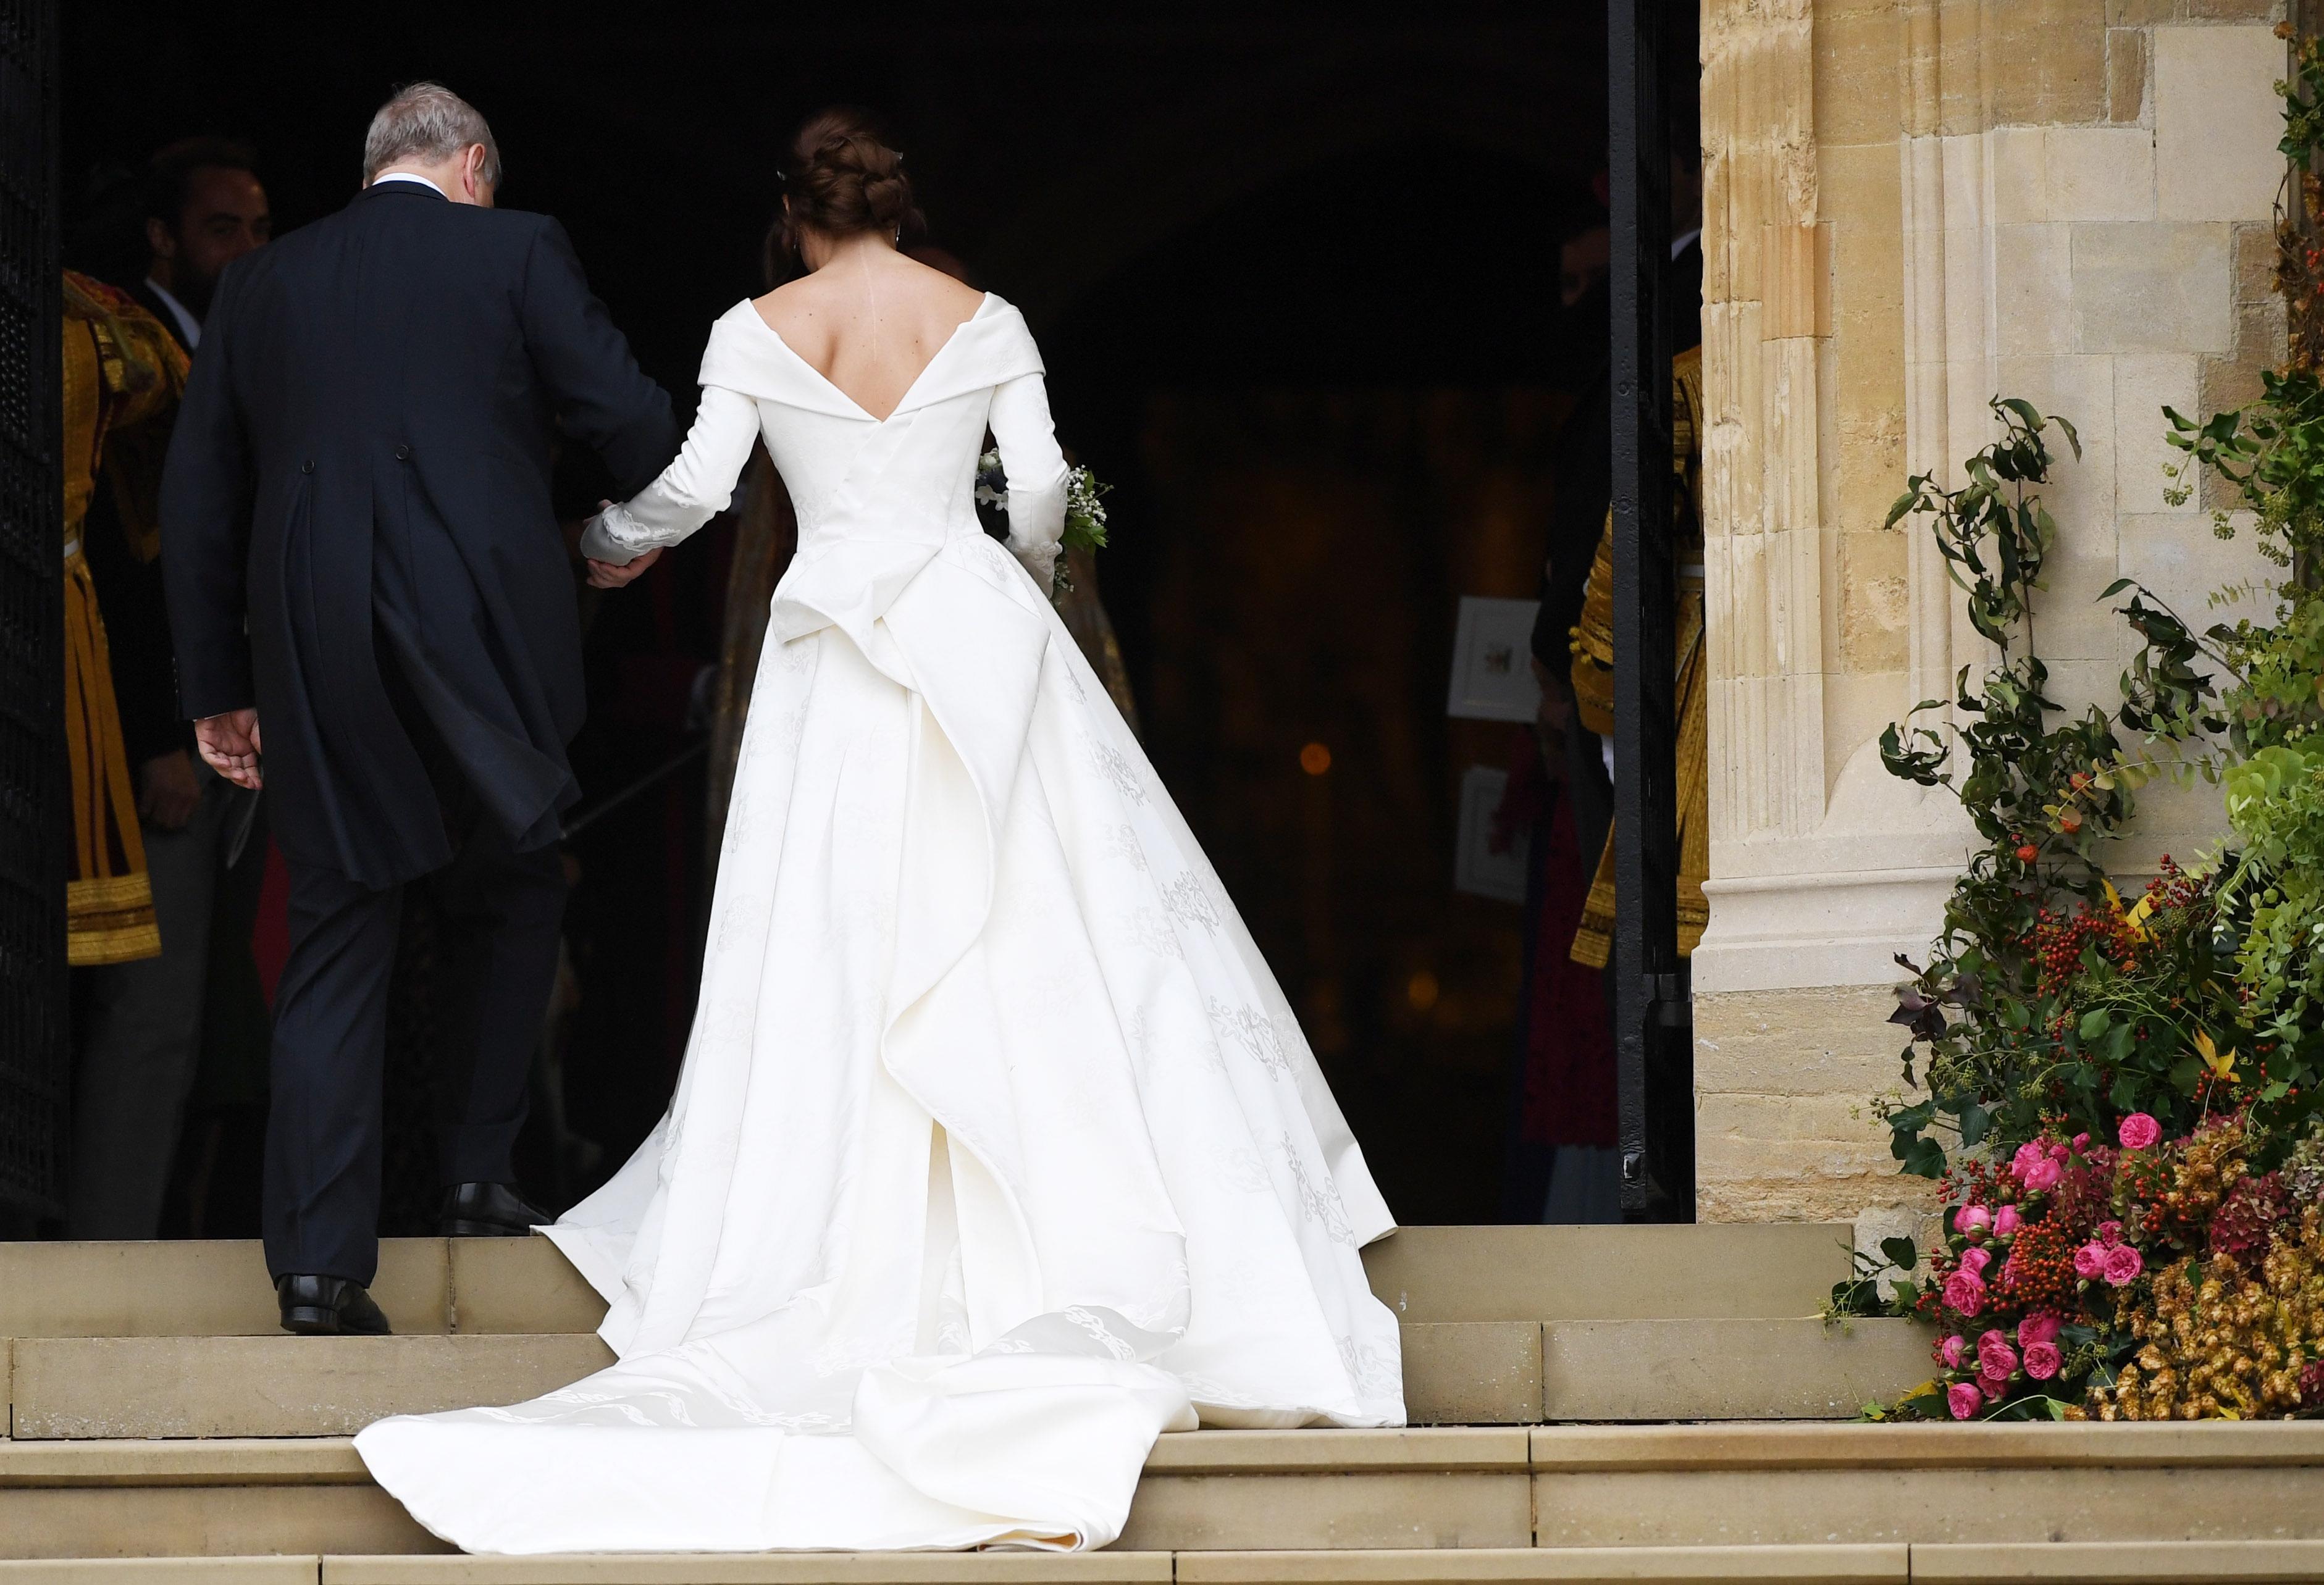 Внучката на кралица Елизабет II принцеса Юджини се омъжва за Джак Бруксбанк